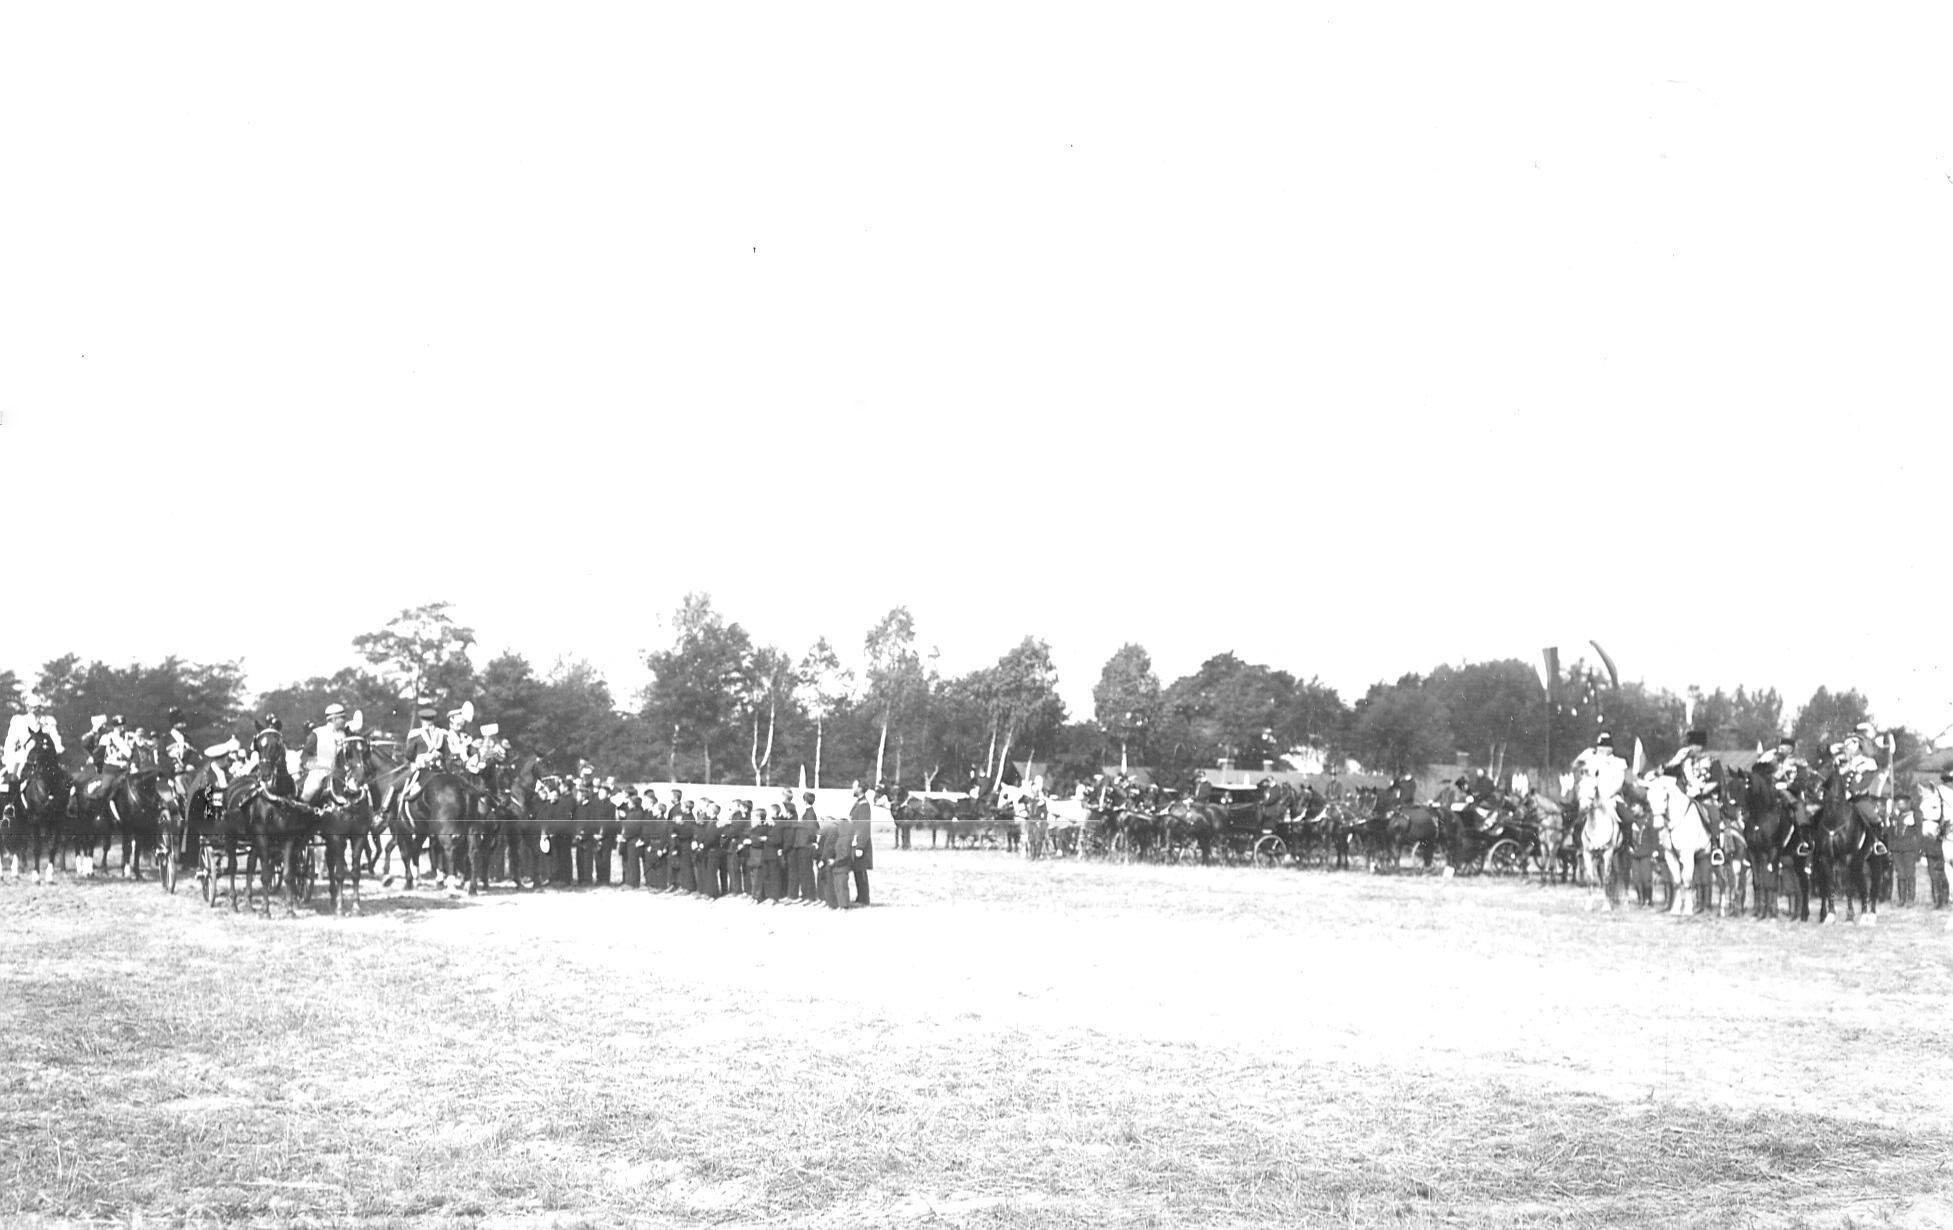 Император Николай II , прибывший на празднование 250-летнего юбилея полка, объезжает школьников полковой школы для детей солдат